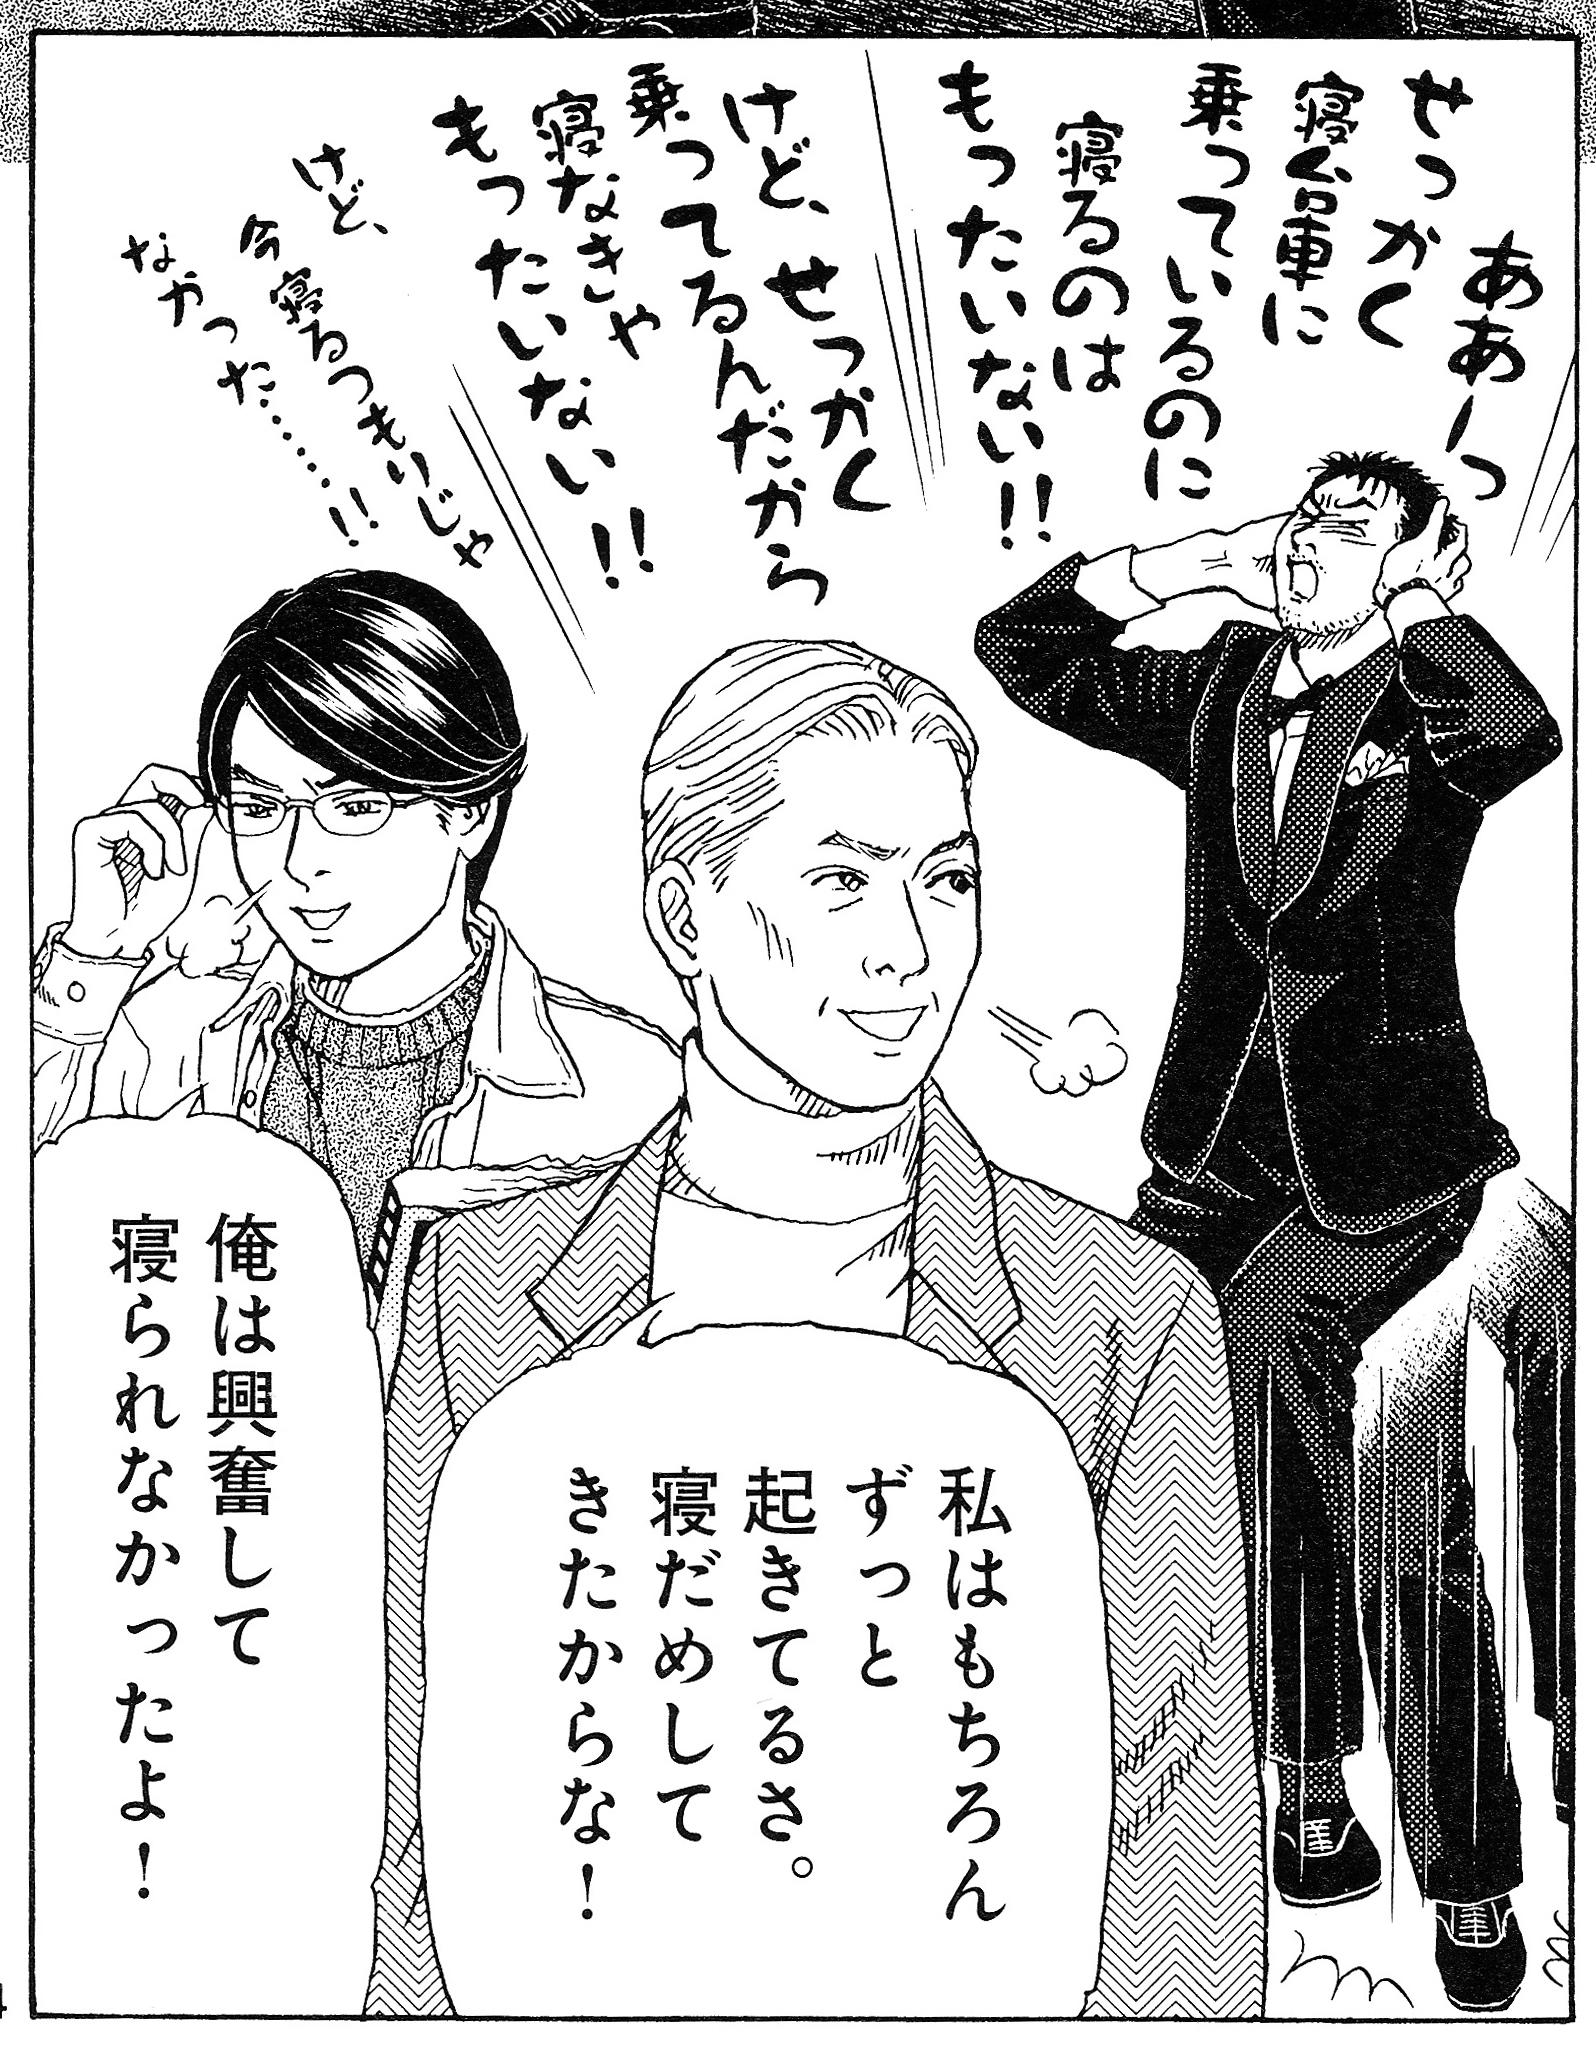 7_月館の殺人.jpg